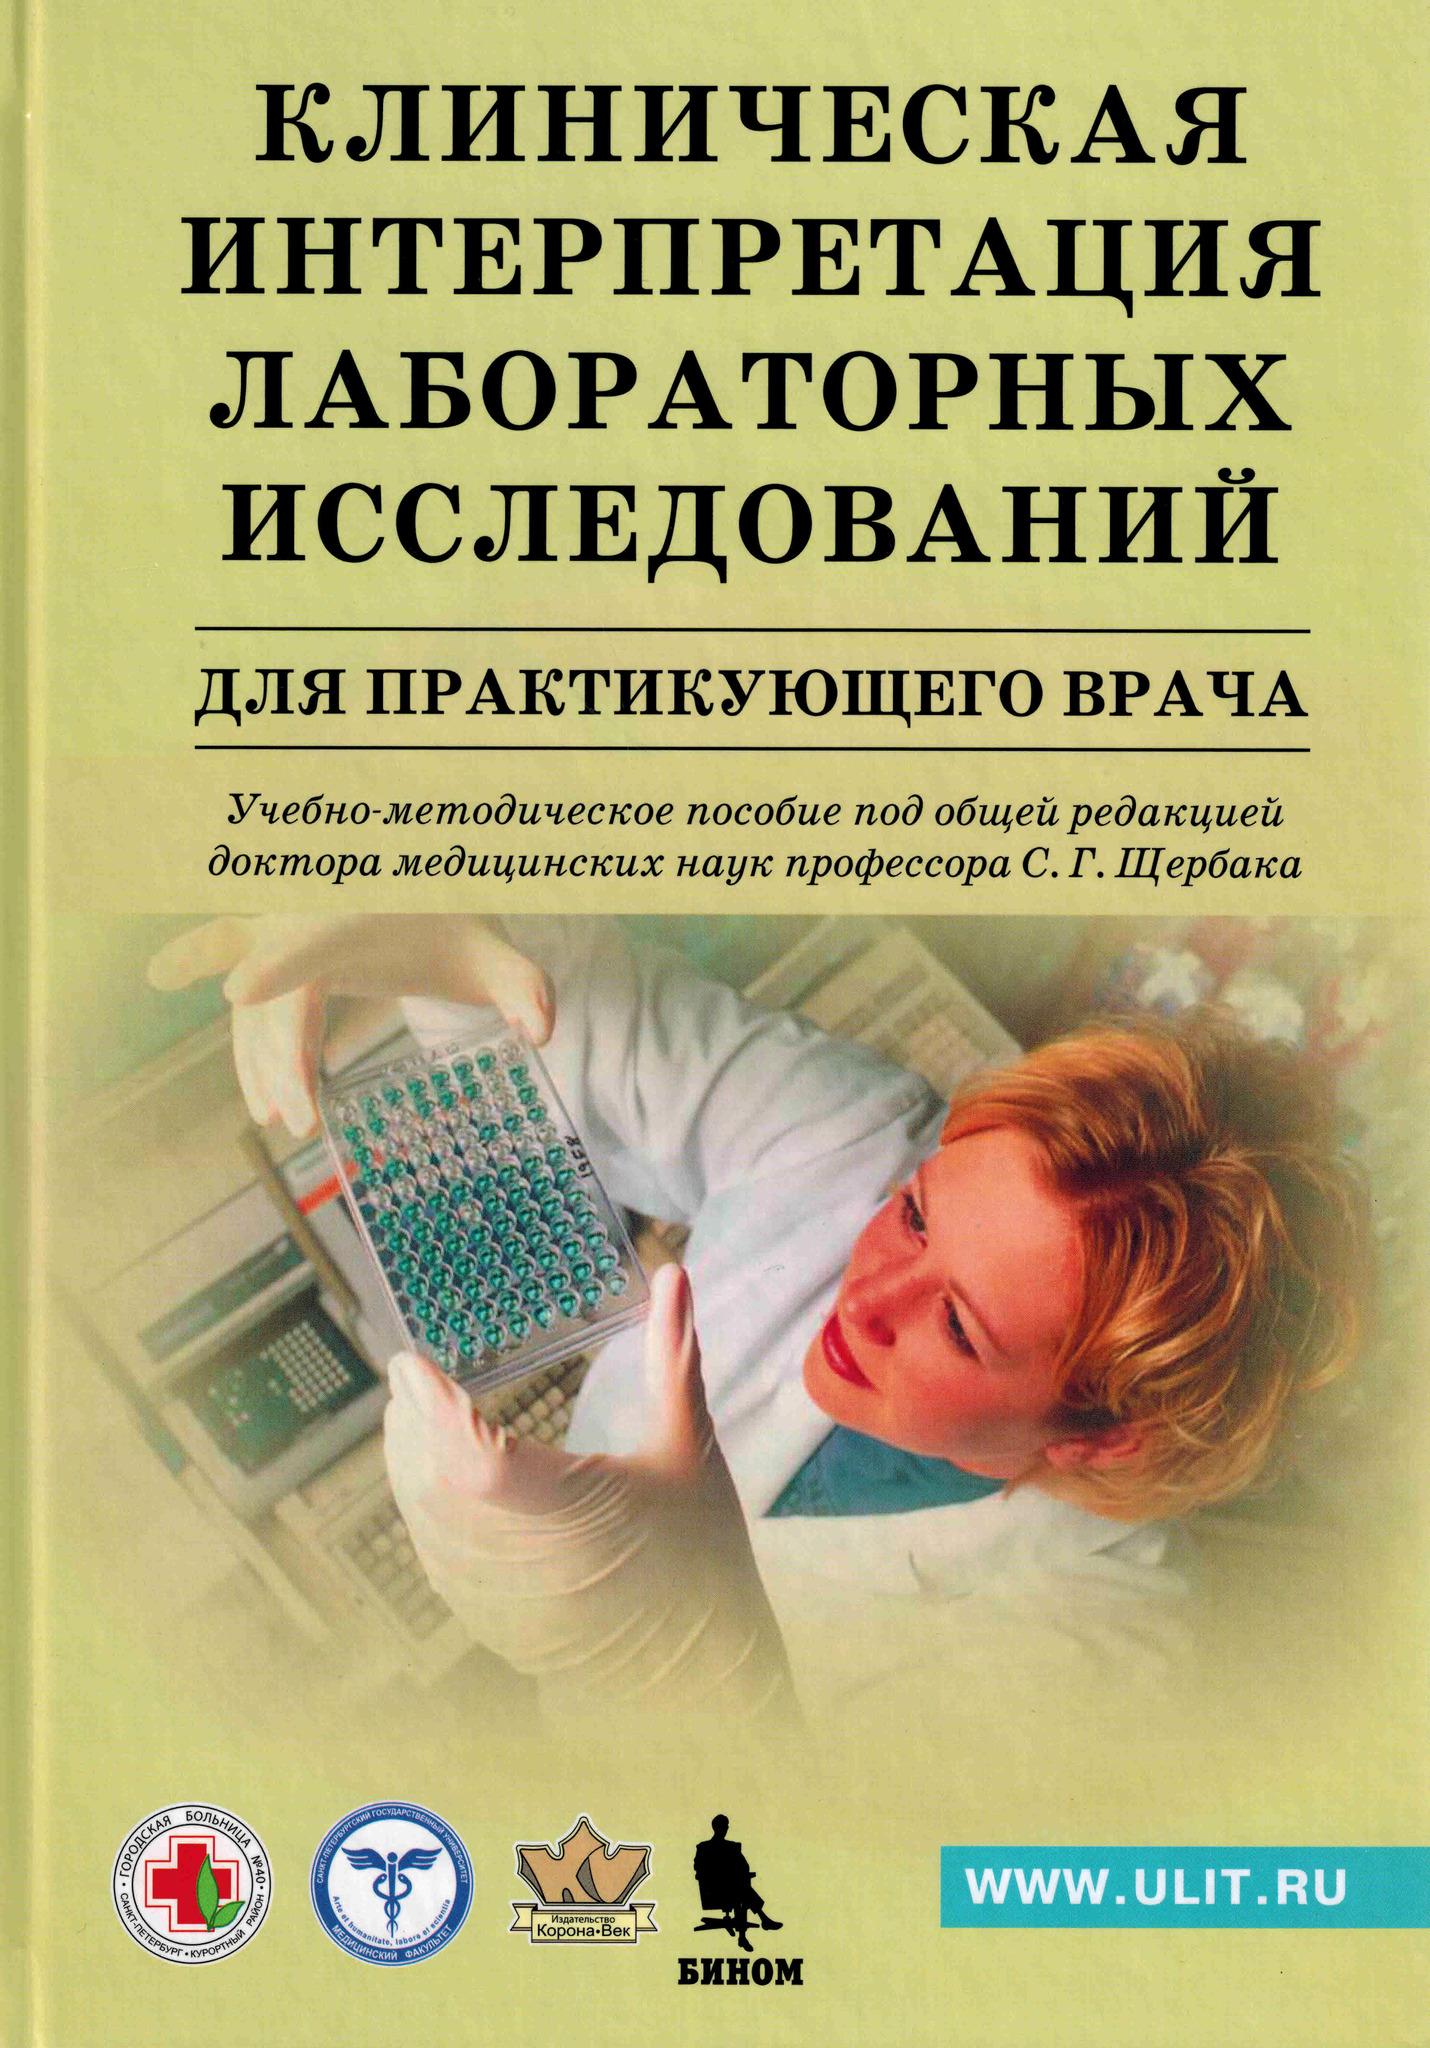 Книги по клиническим анализам Клиническая интерпретация лабораторных исследований для практикующего врача klin_interp_lab.jpg